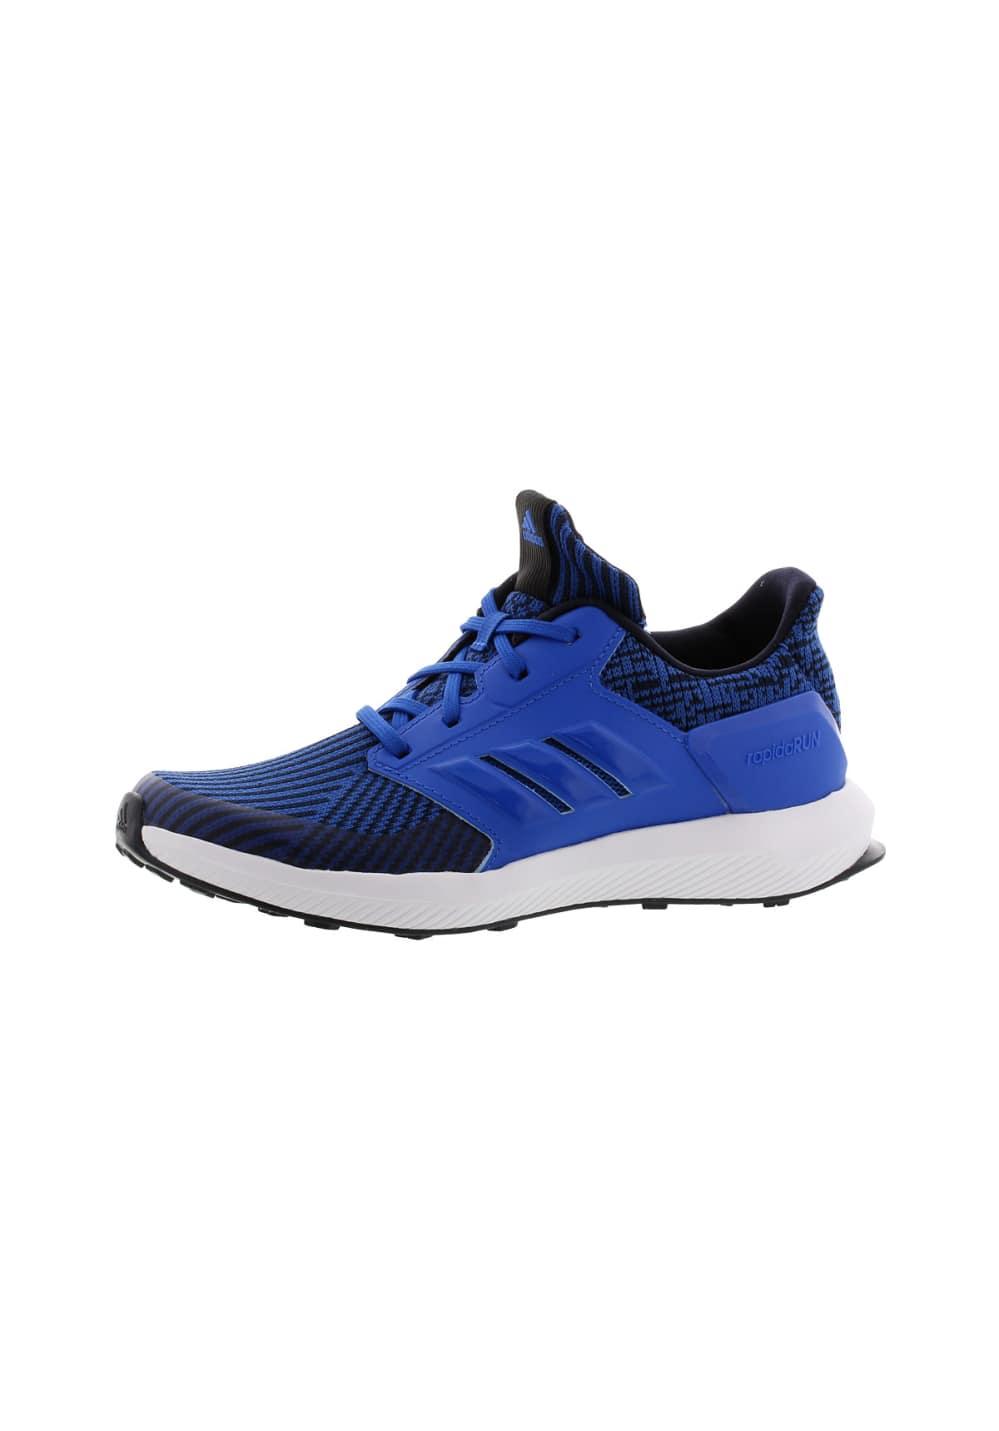 the latest 71b56 2d9e6 Next. adidas. Rapidarun Knit - Running shoes